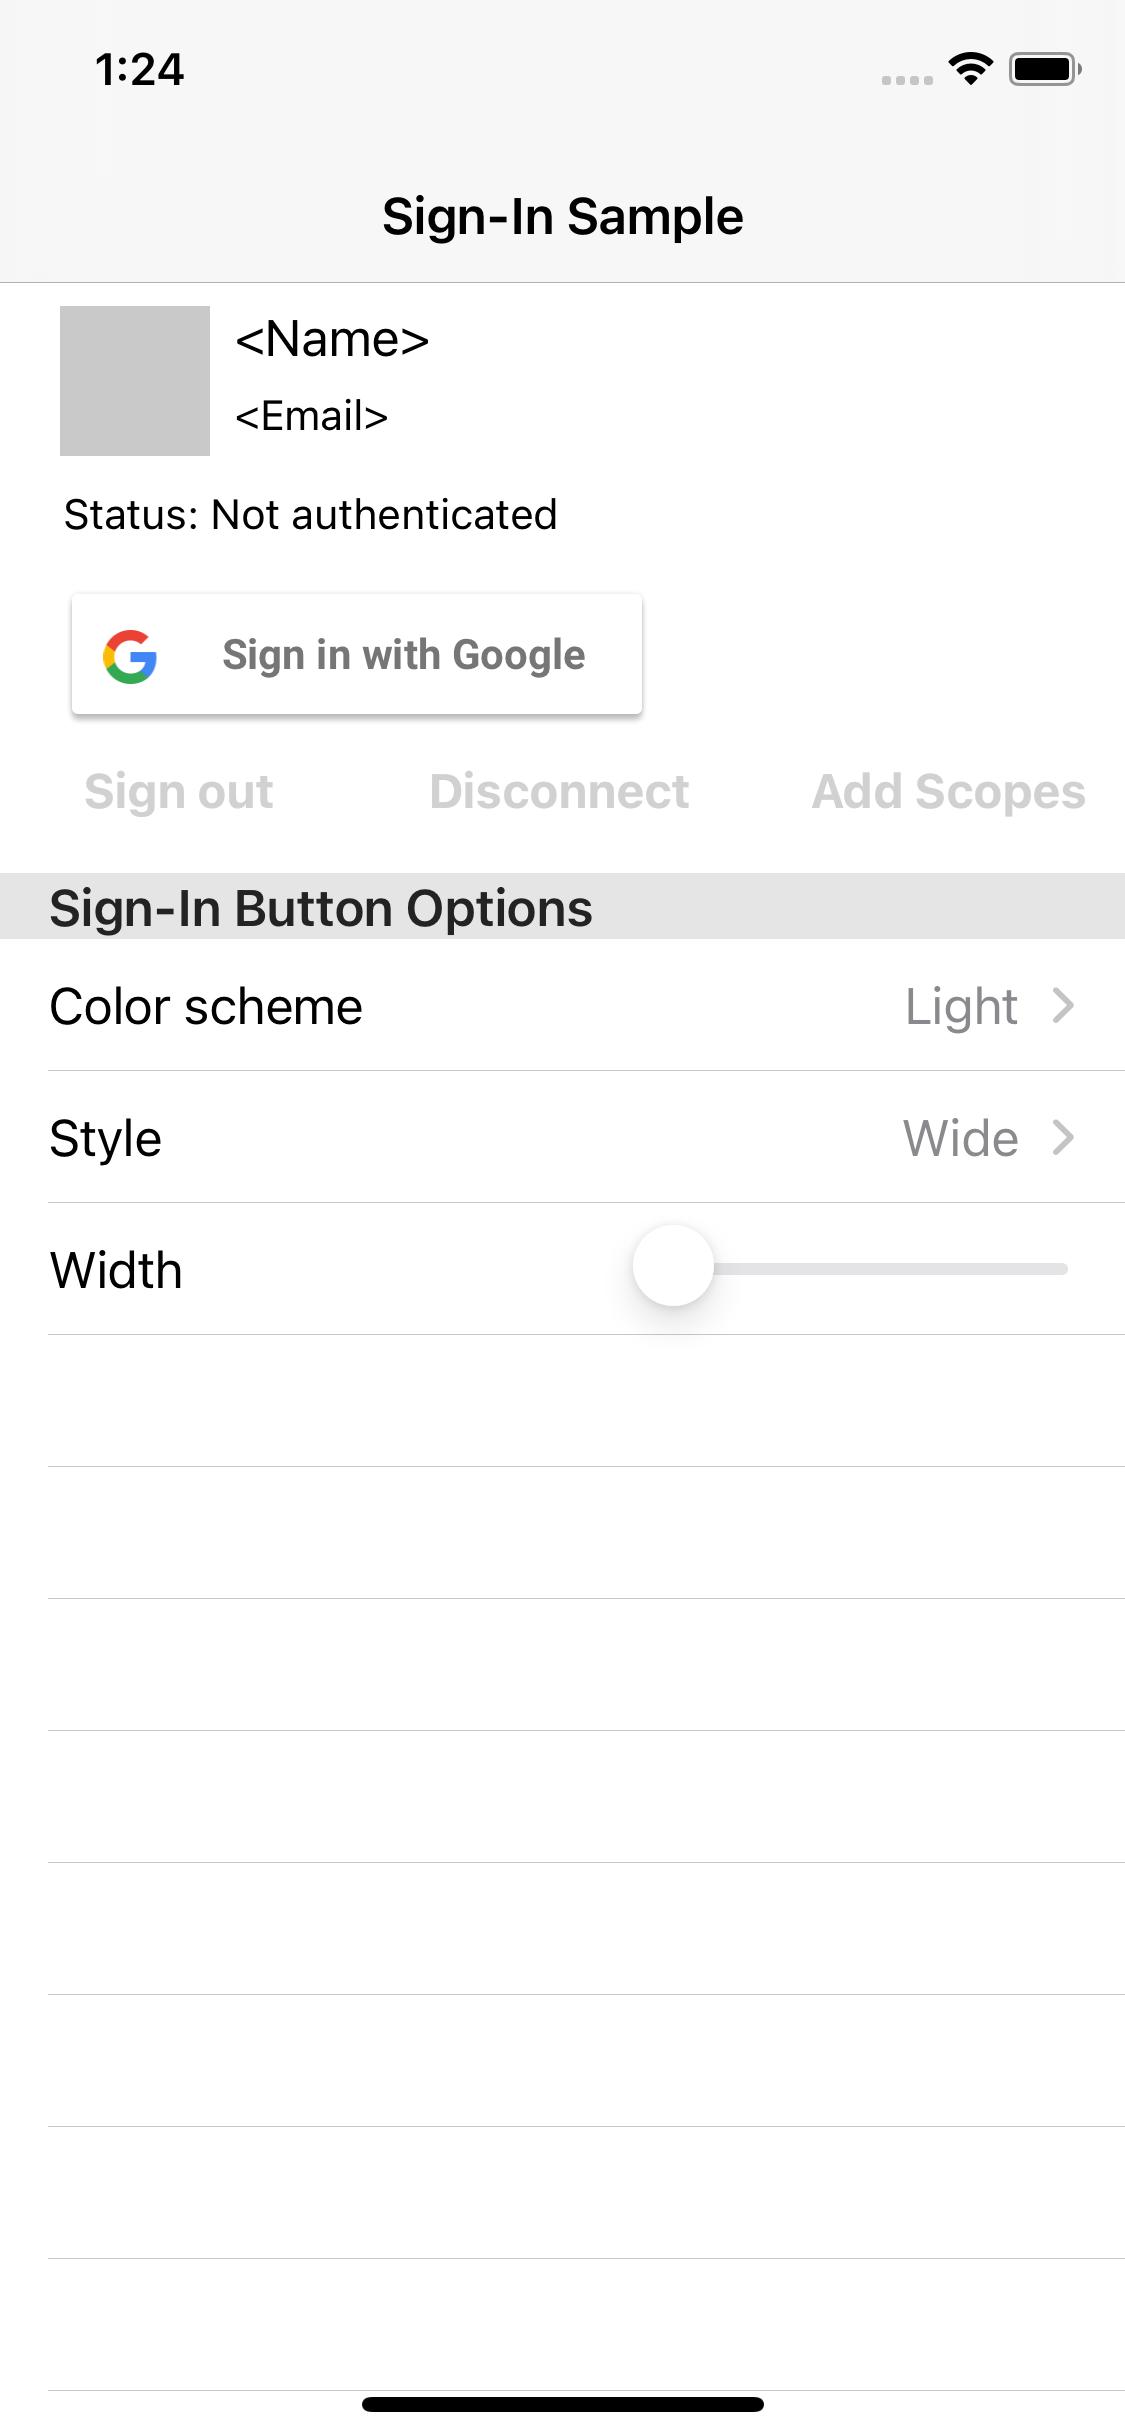 Tangkapan layar dari aplikasi sampel